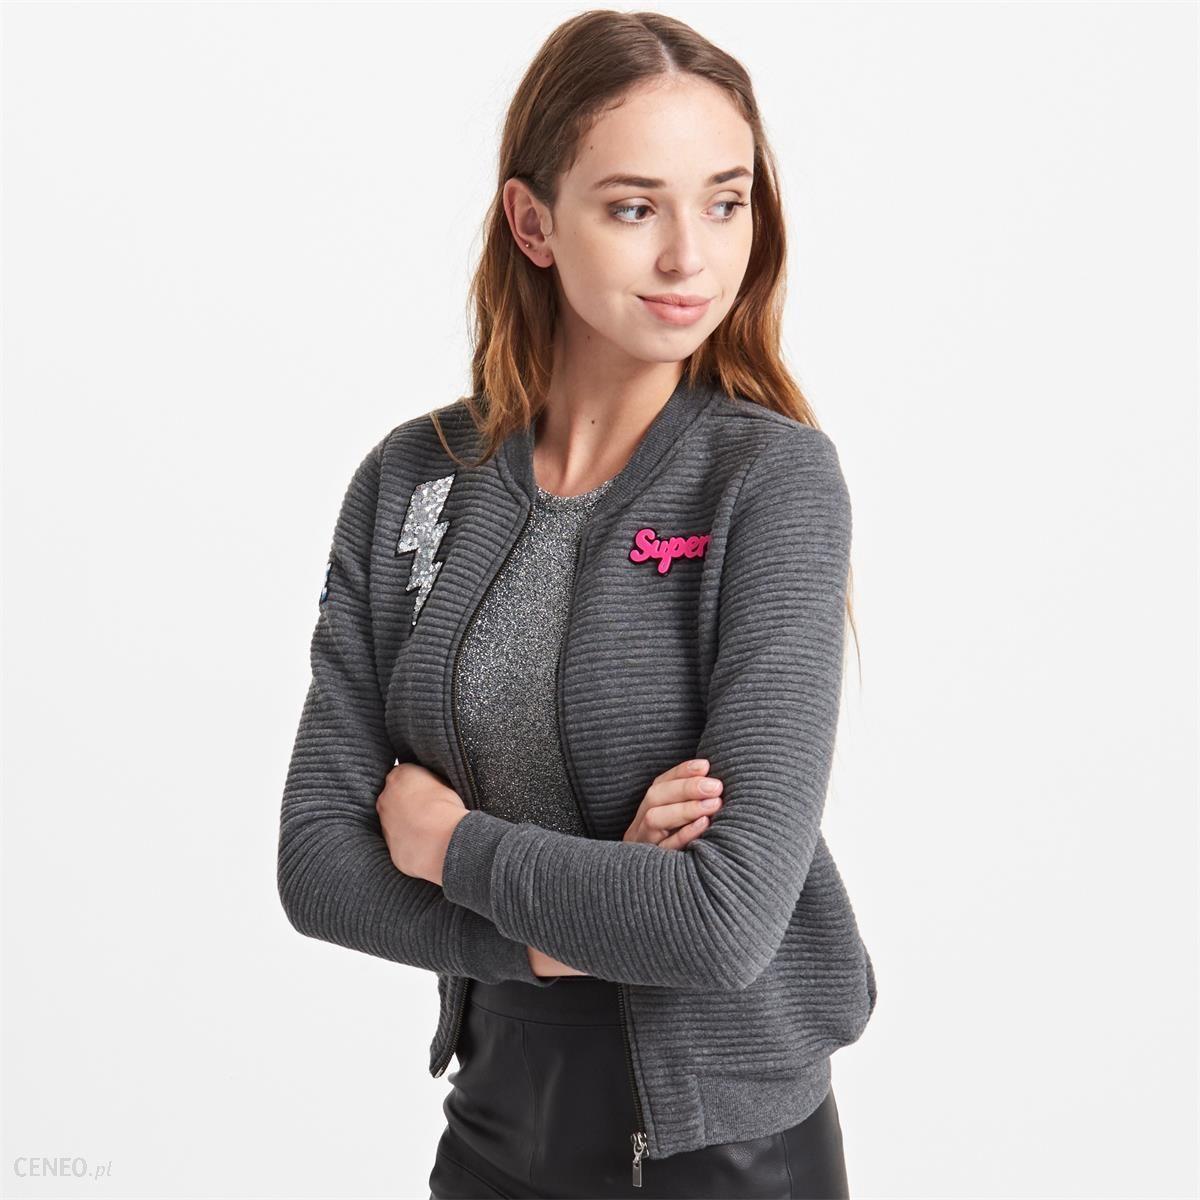 dd34edf0cb679d Reserved - Rozpinana bluza z naszywkami yfl - Szary - damska - zdjęcie 1